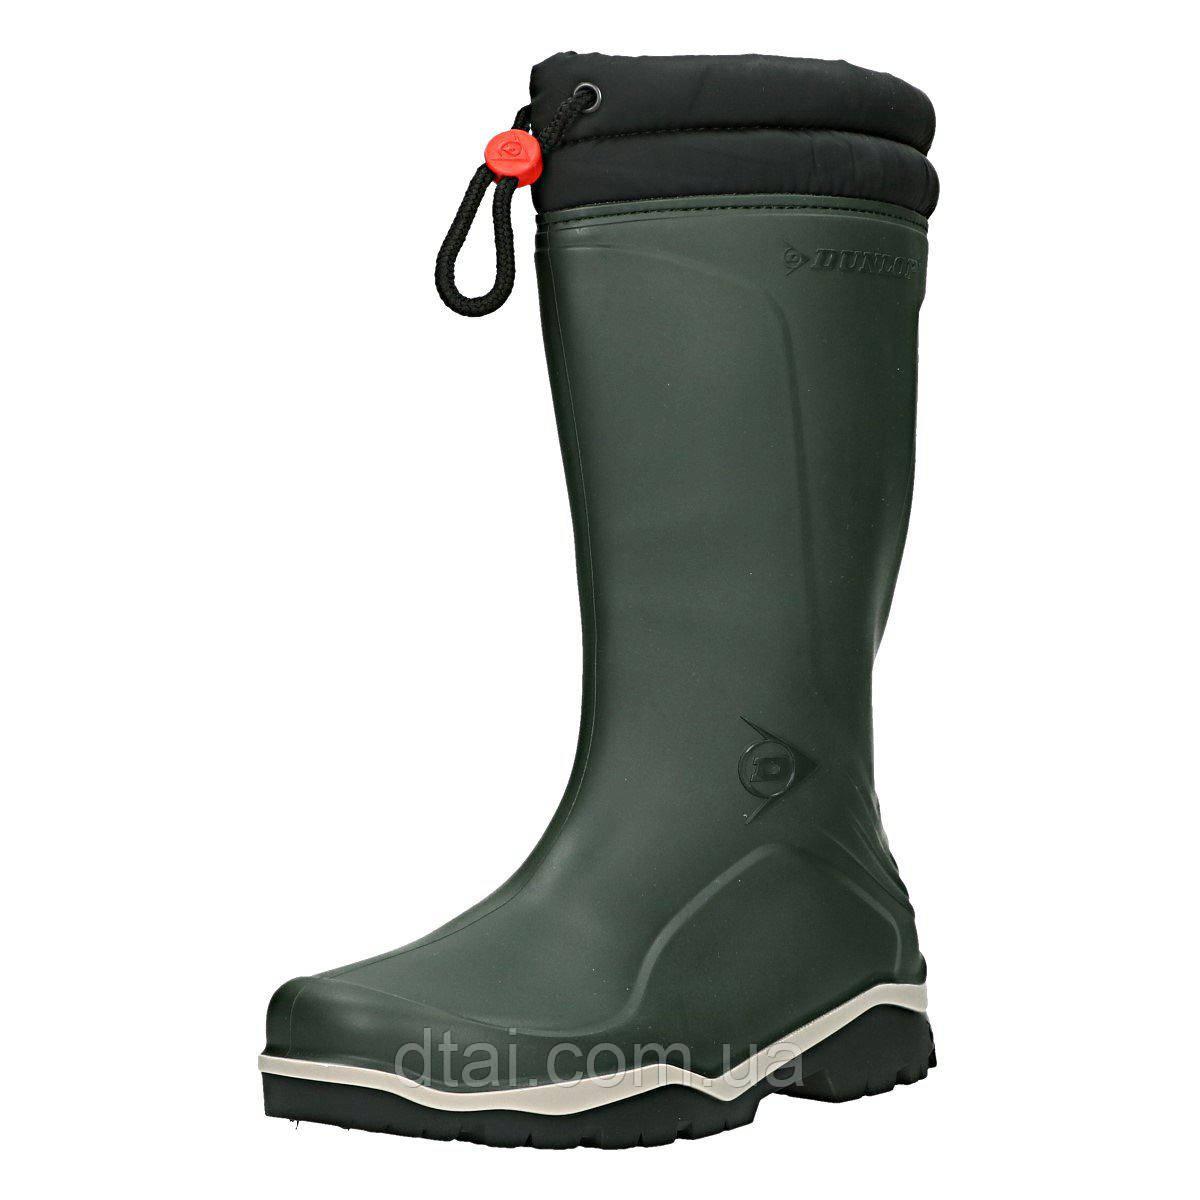 88de00092 Зимние резиновые сапоги Dunlop® Blizzard с меховой вставкой для охоты и  рыбалки доставка по Украине